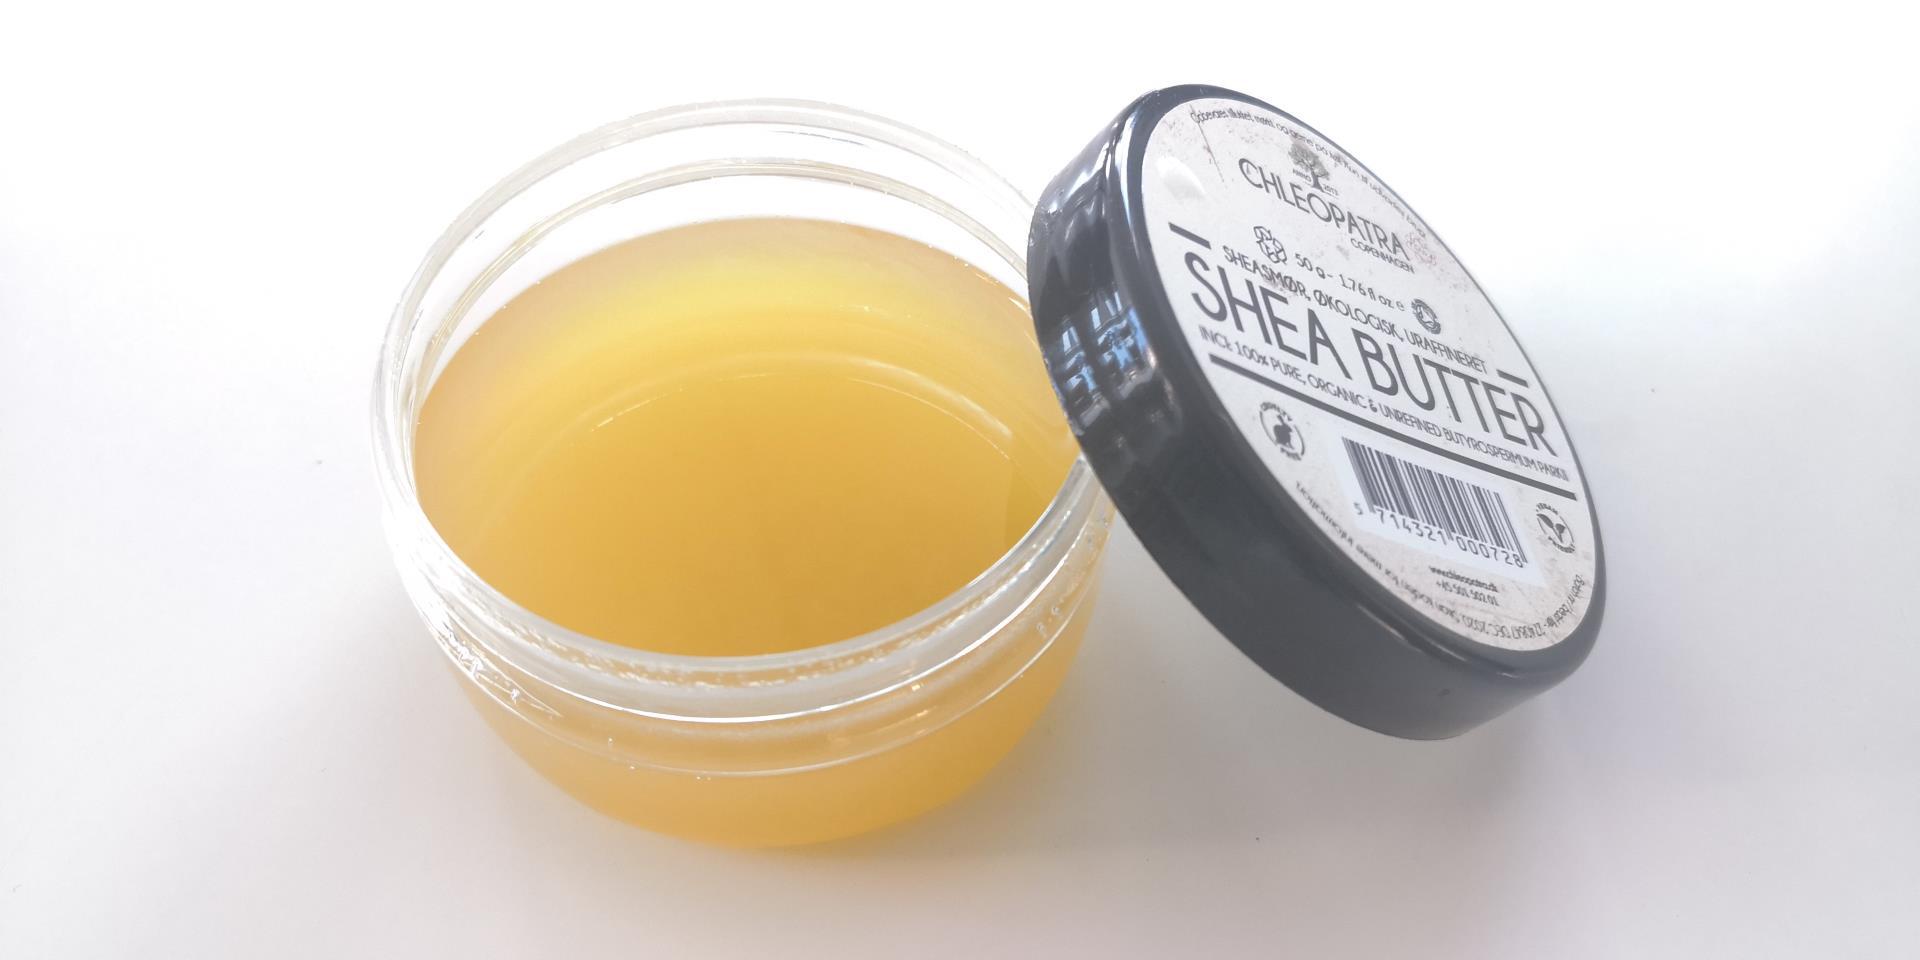 Hjemmelavet body lotion - Med Sheasmør og 2 andre naturlige råvarer 2